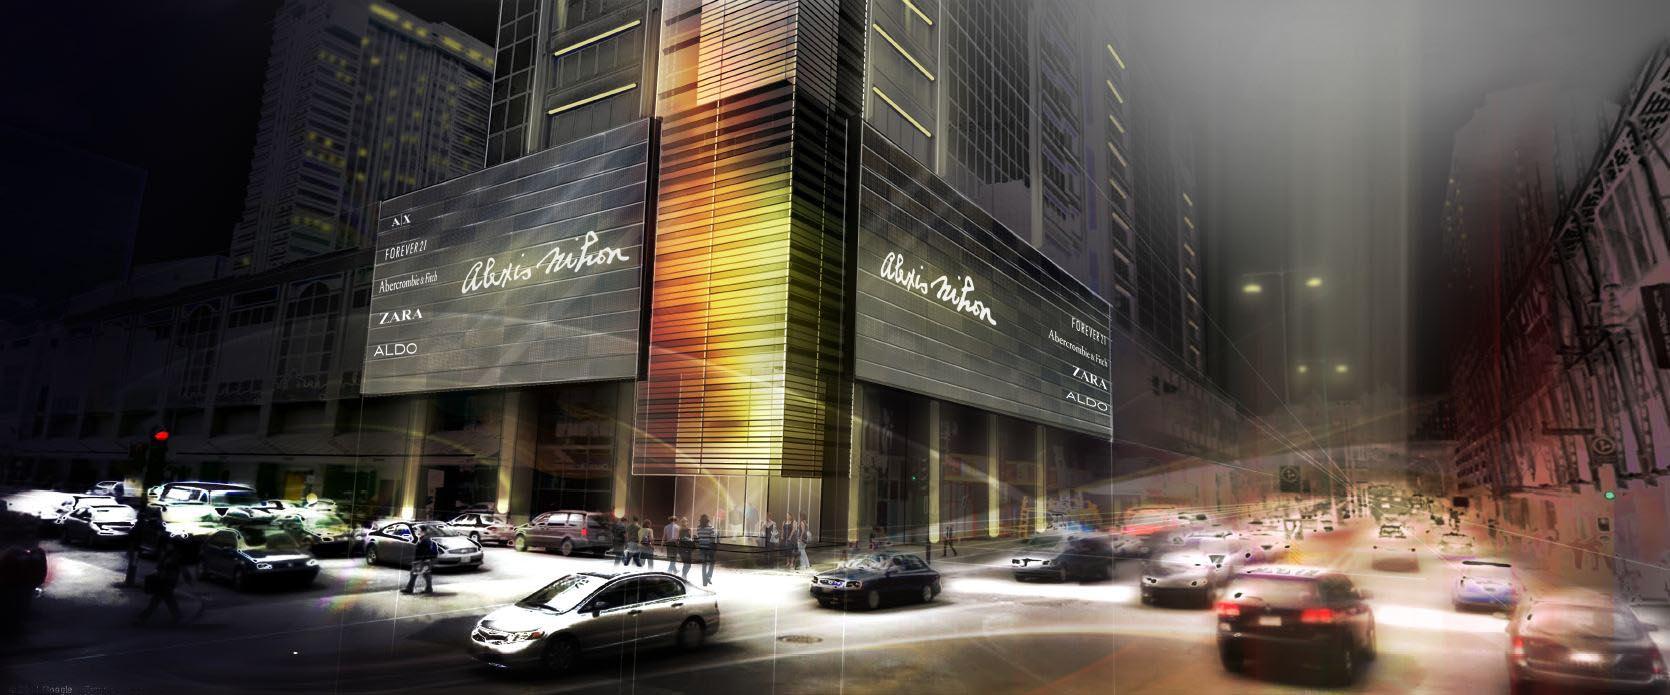 Concept architectural de la place Alexis Nihon